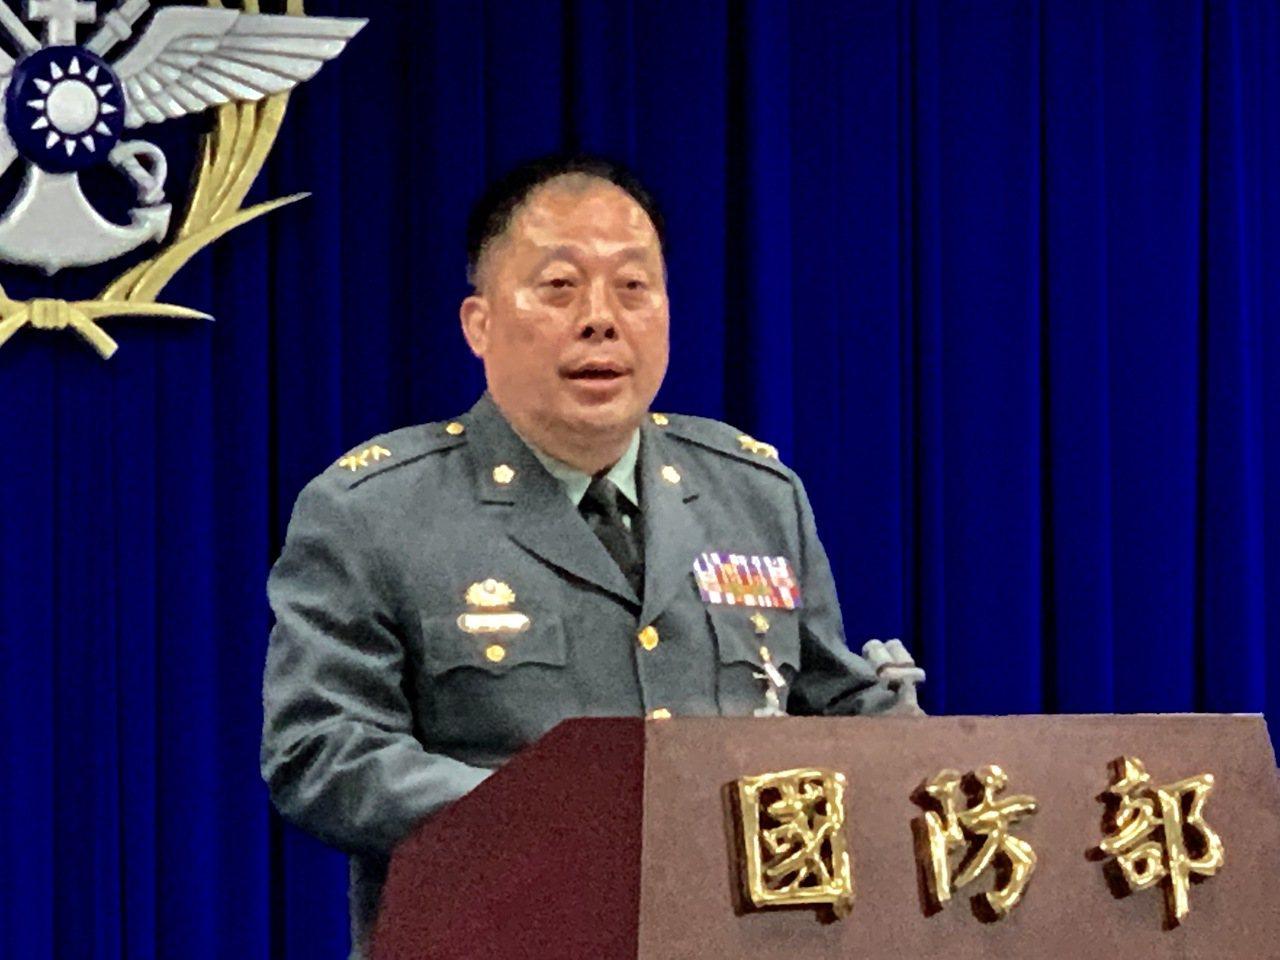 國防部常務次長徐衍璞上午表示,國軍總兵力「編制數」「目前」為21萬5000人,而...